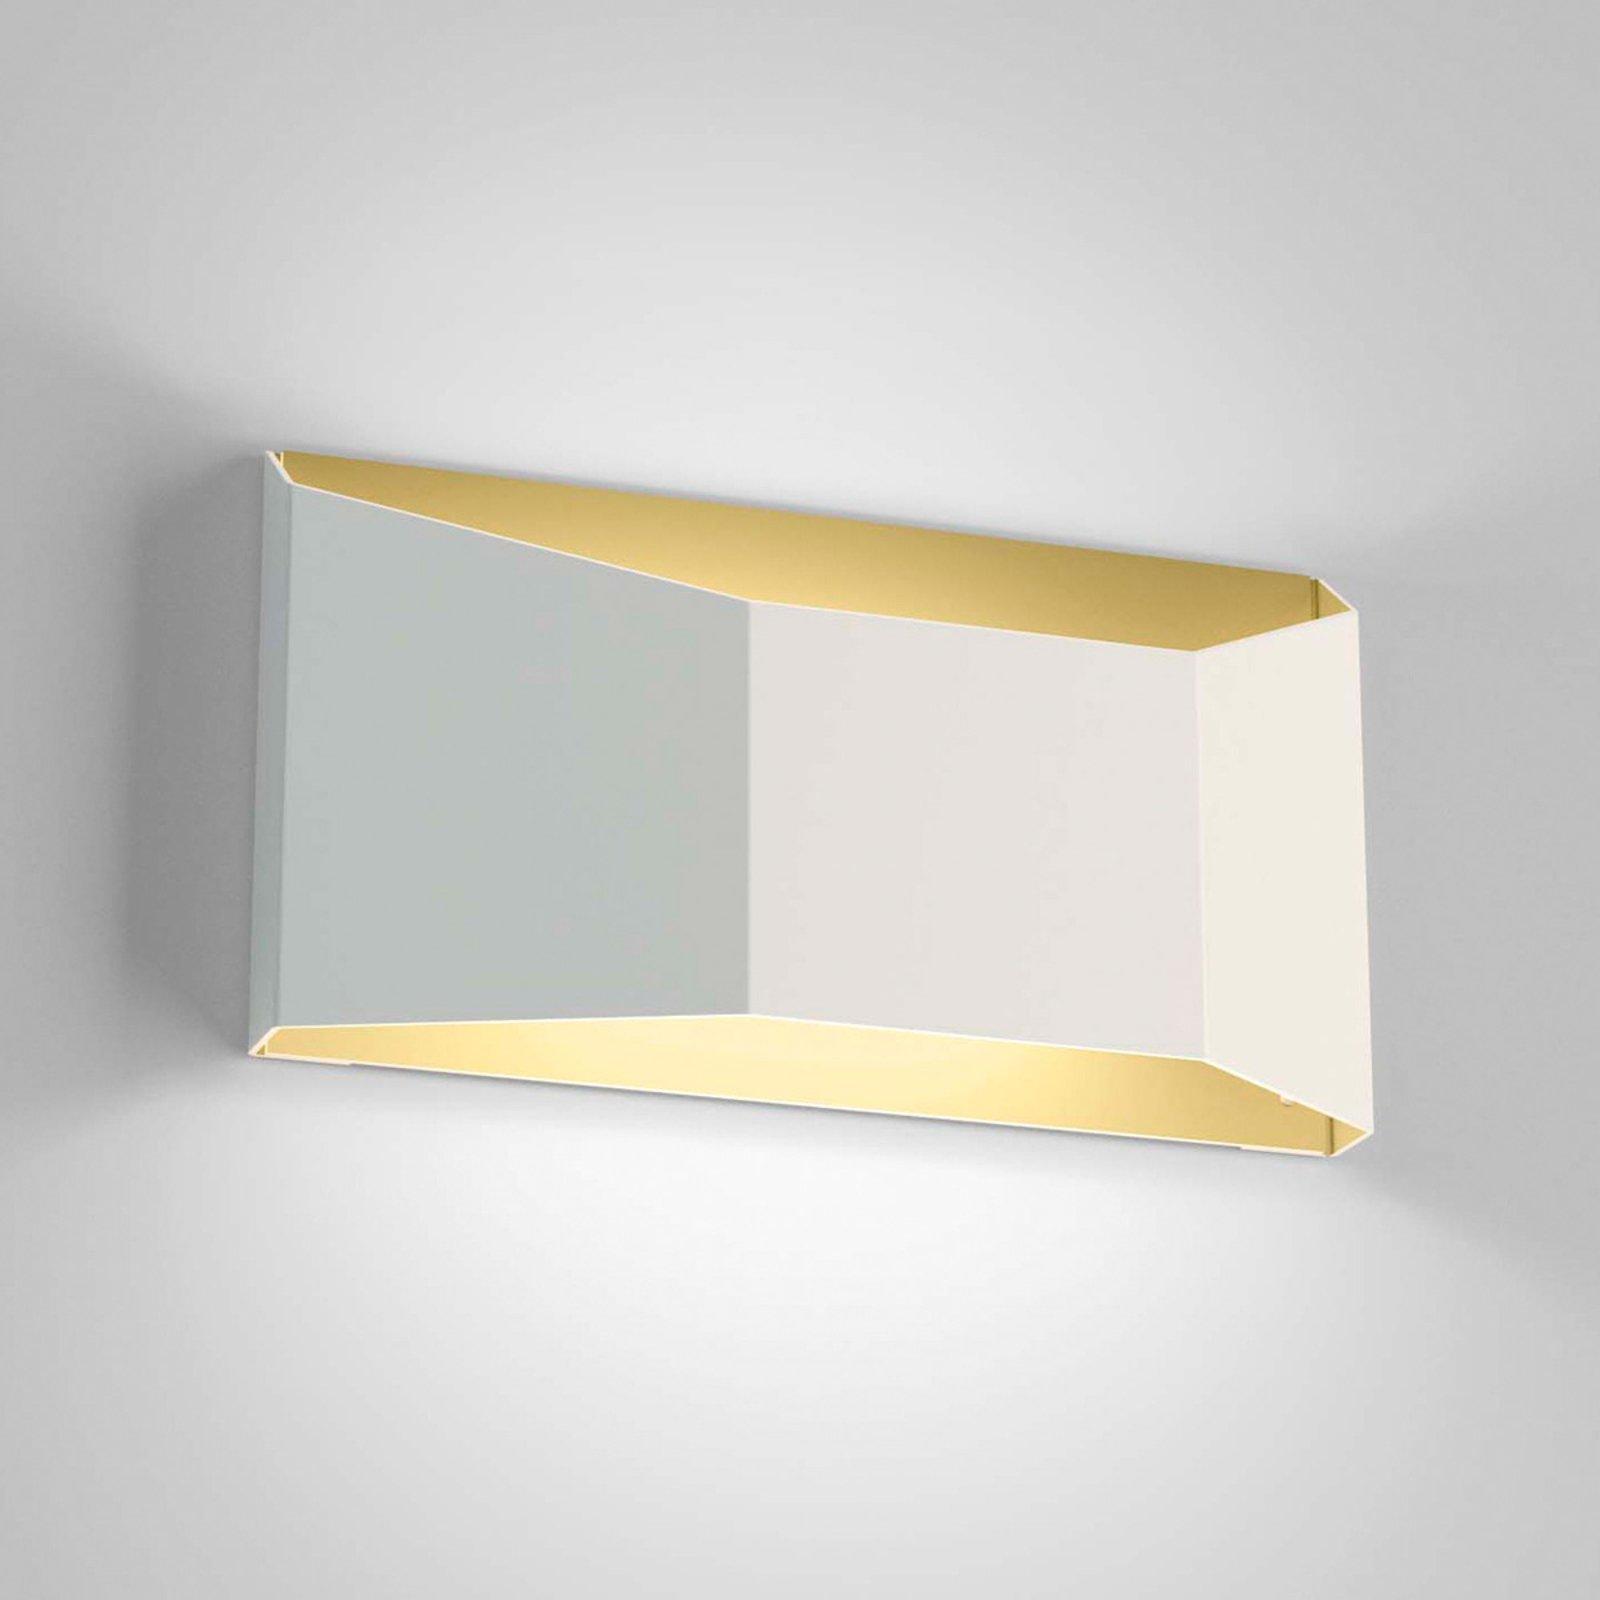 Esa tredimensjonal utformet LED-vegglampe